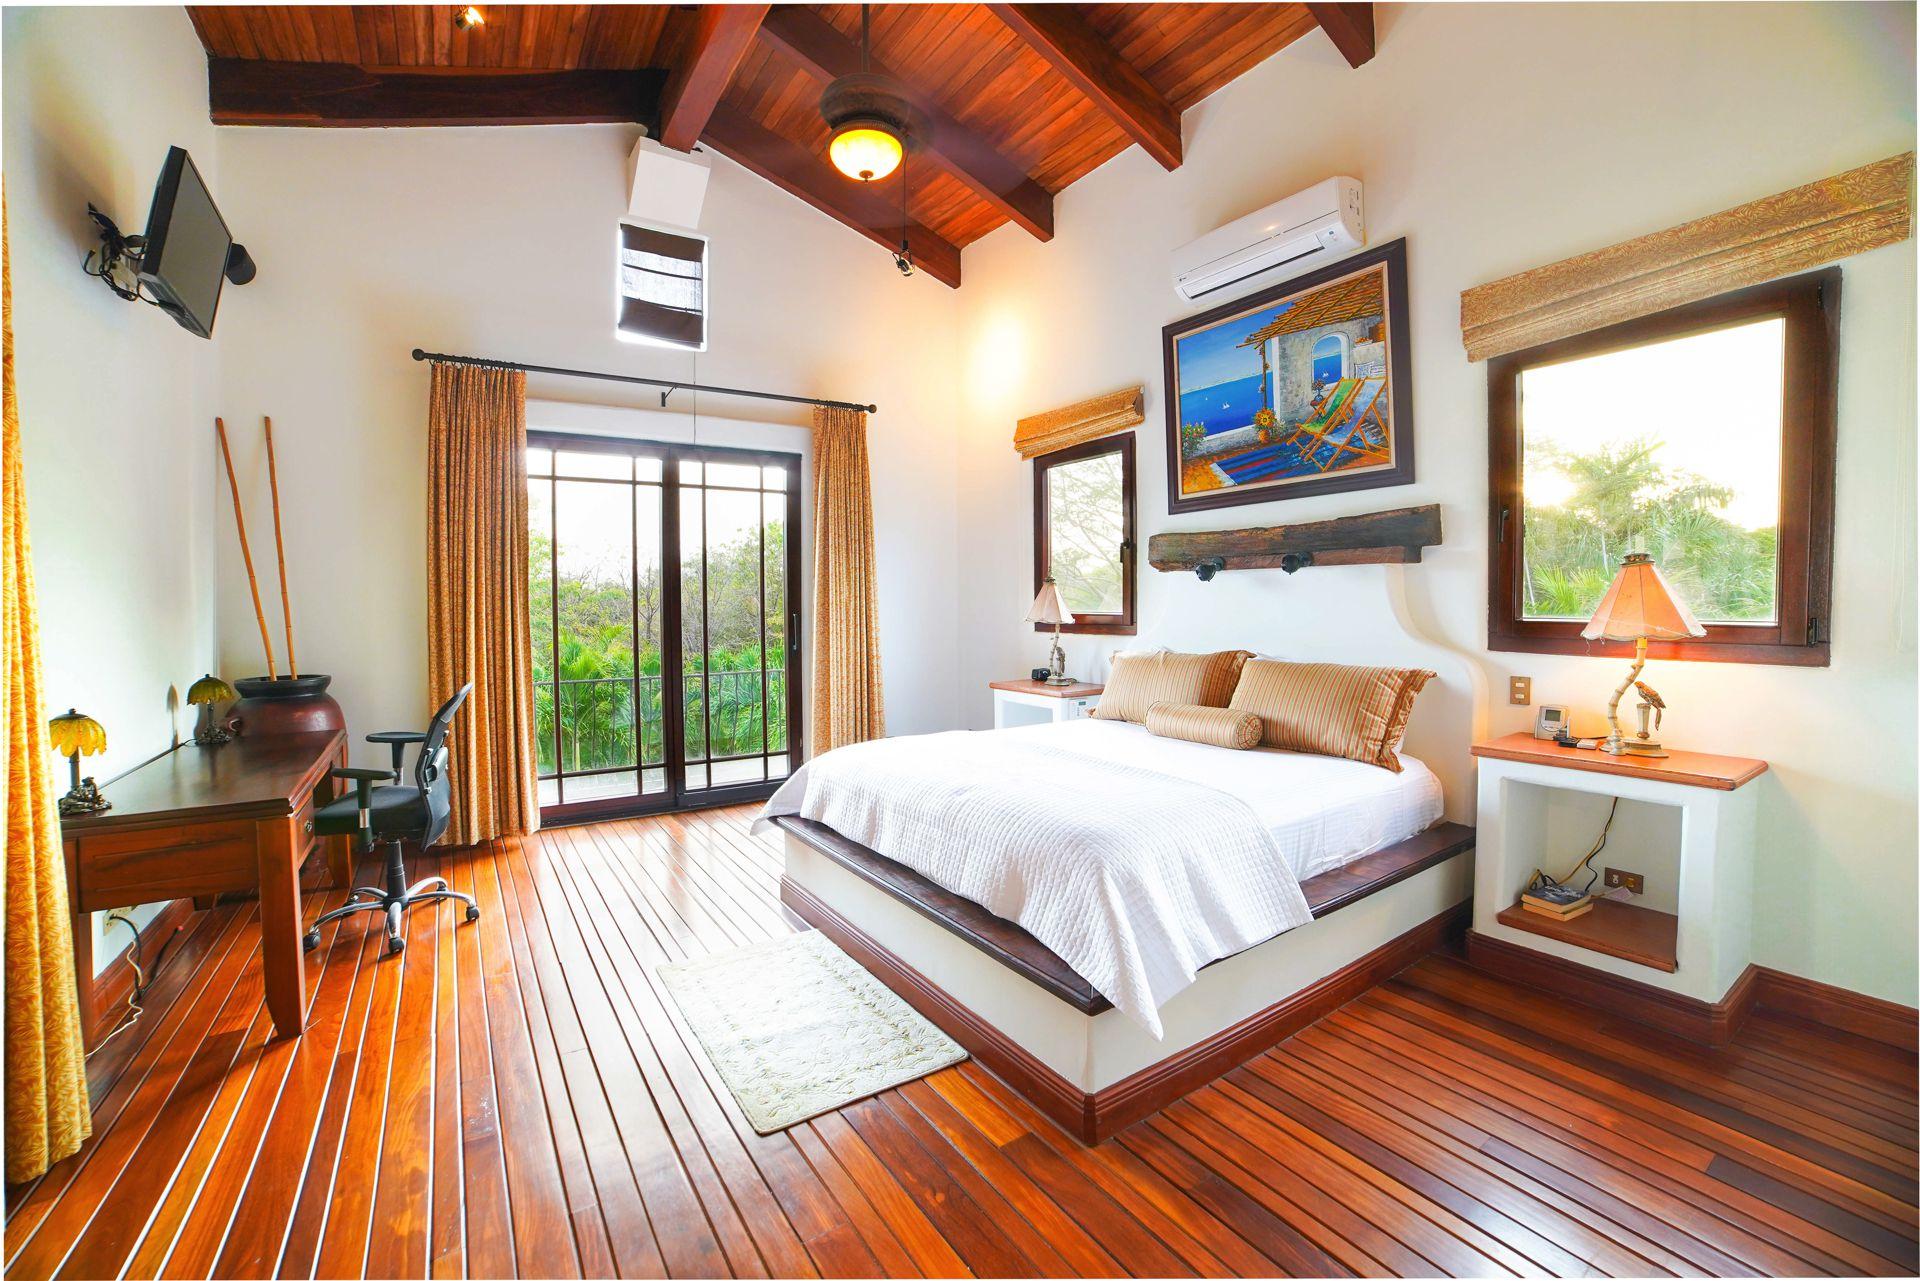 Bedroom opens to backyard